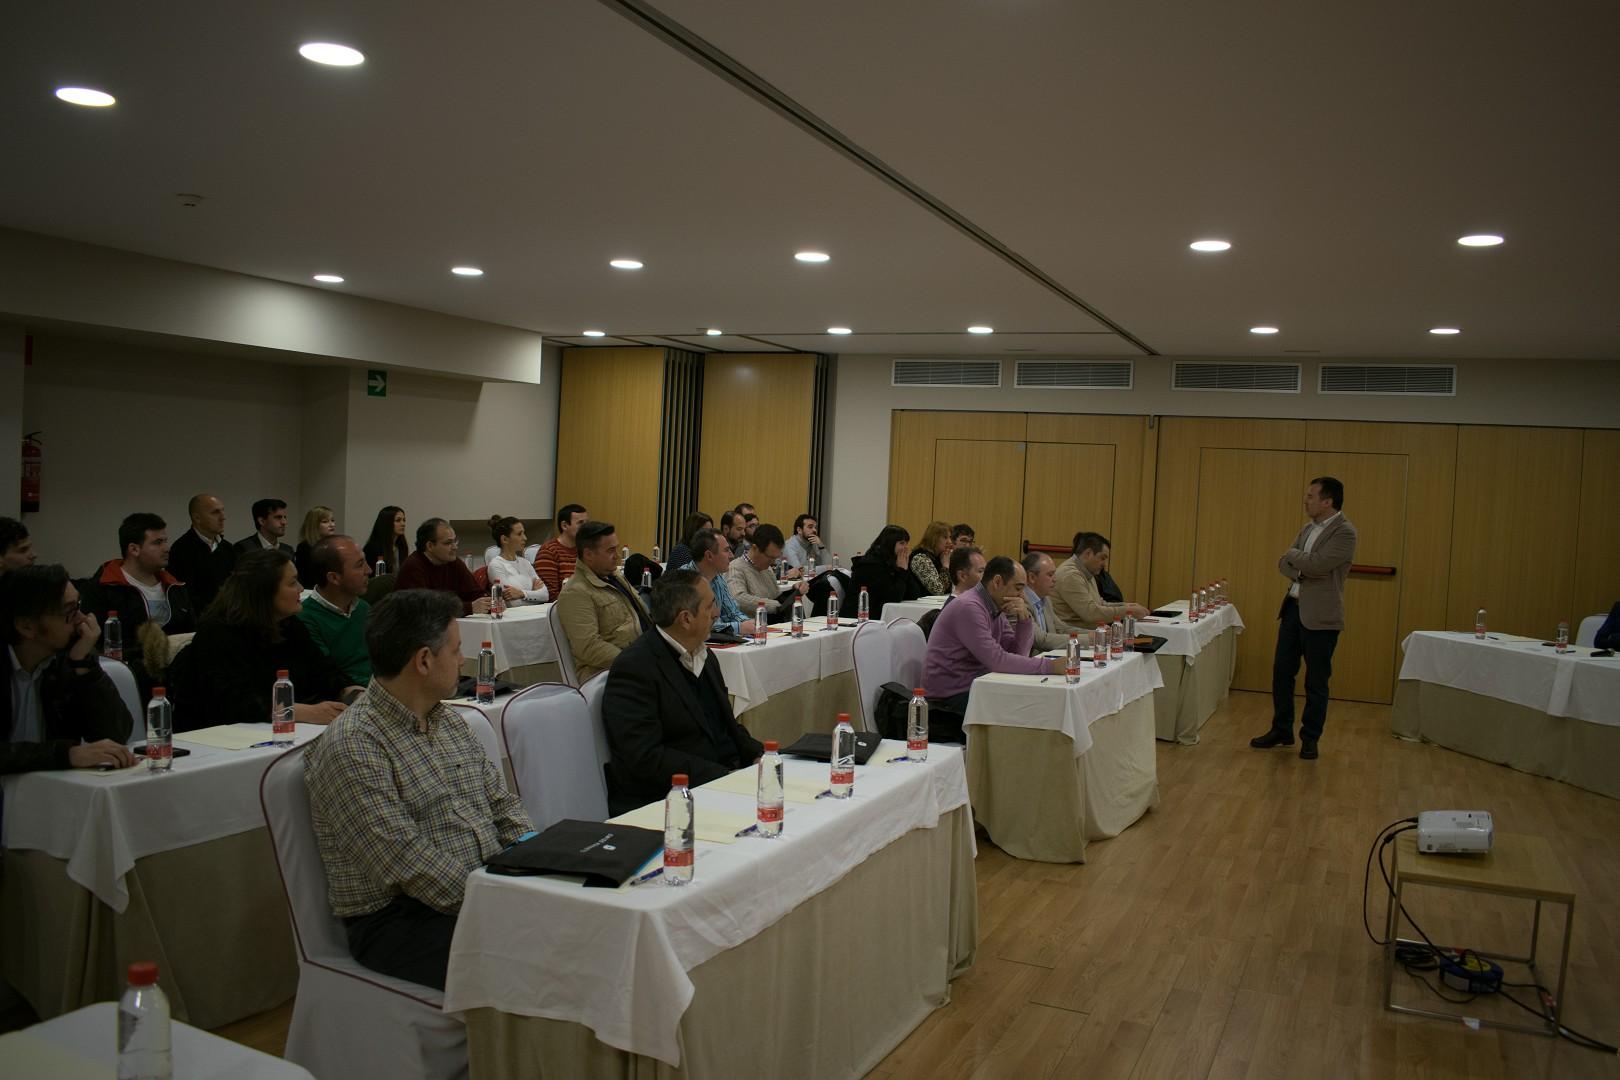 Sevilla_Seminar_1